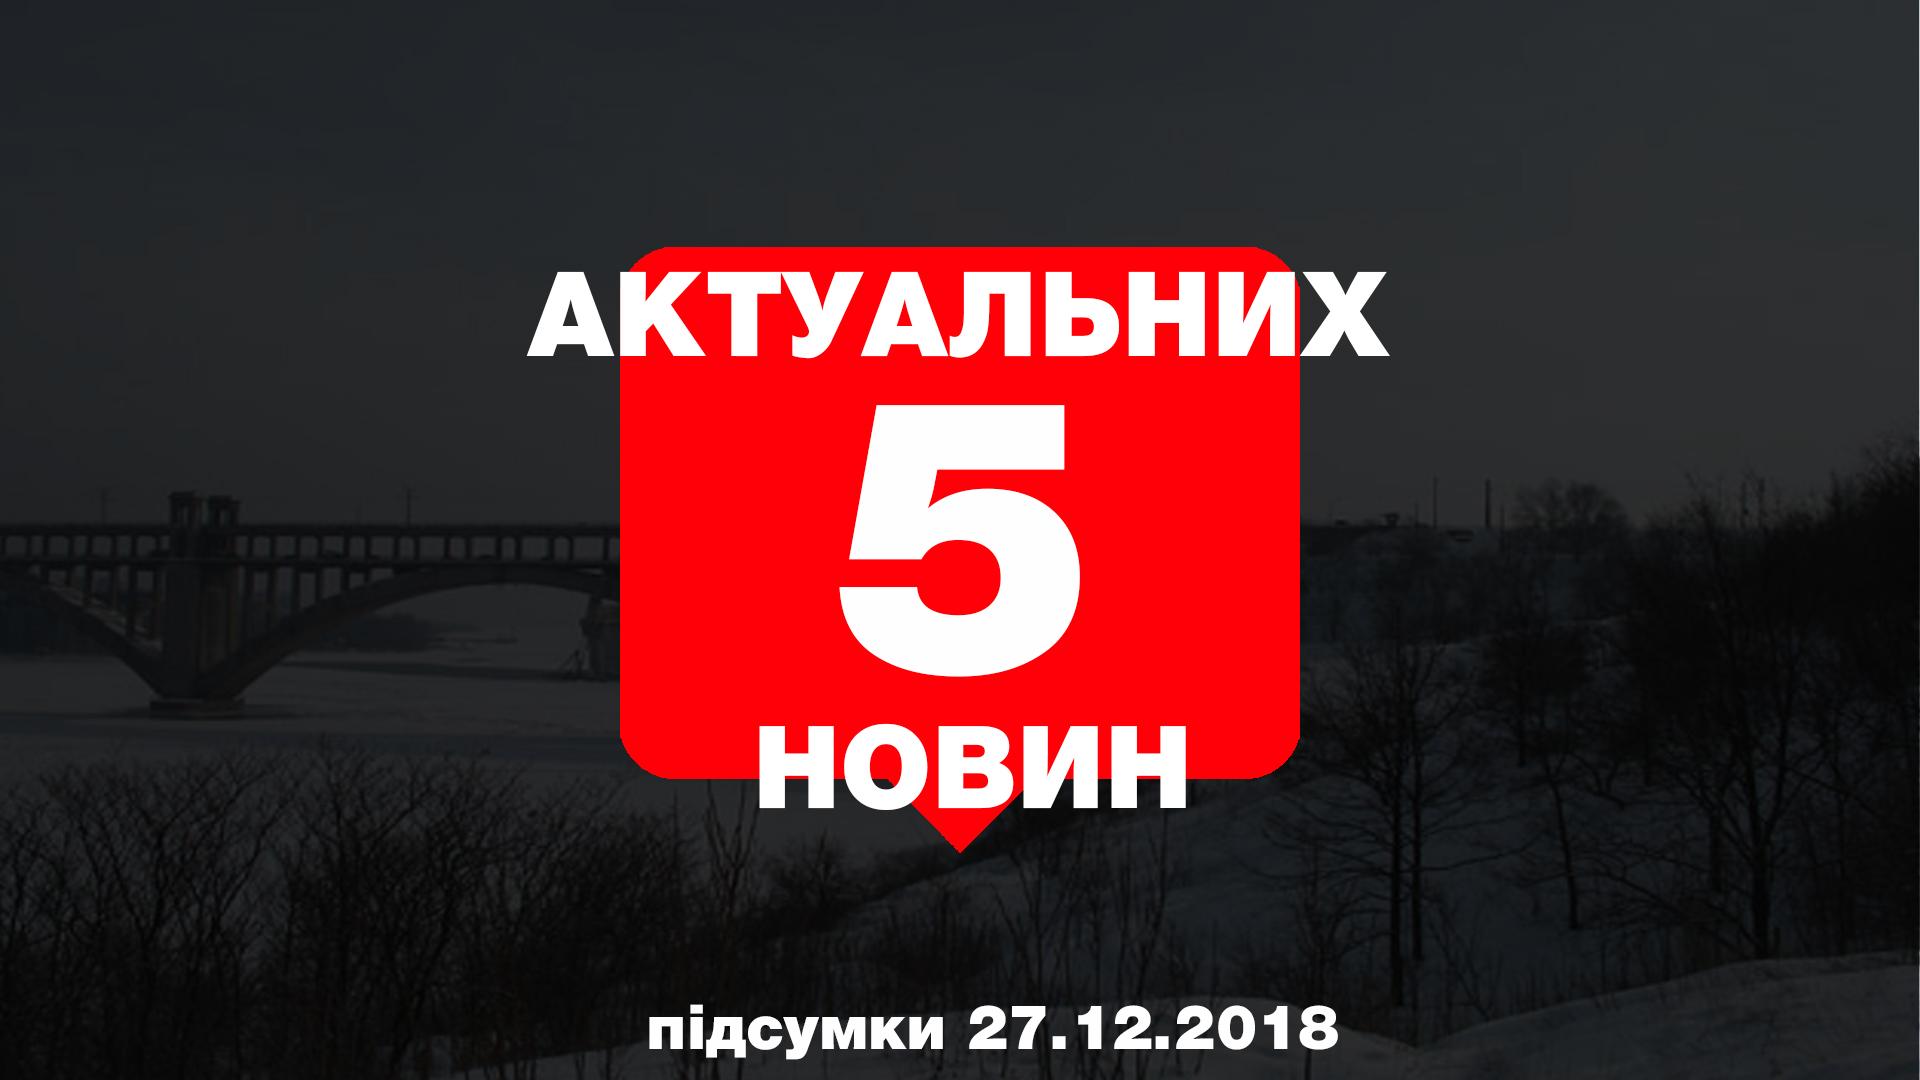 У Запоріжжі помер письменник, Буряк прозвітував за рік роботи, на Хортиці знайдено капкани — 5 найцікавіших новин четверга, 27 грудня